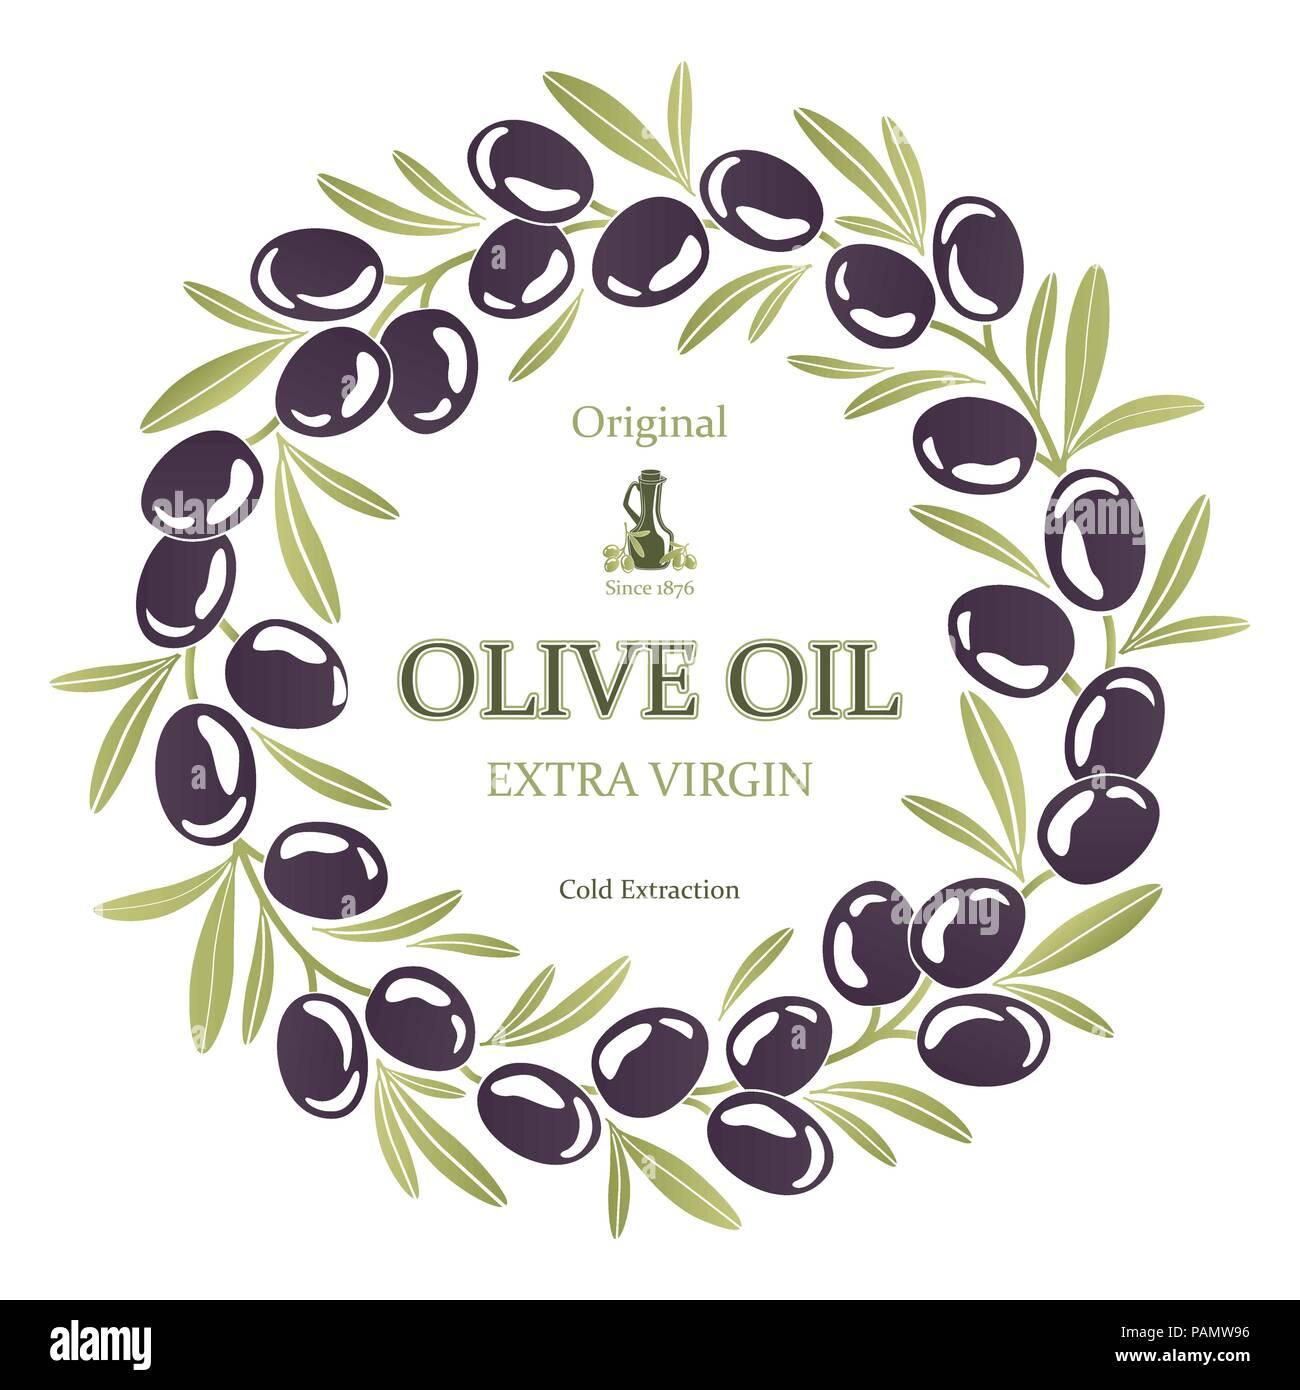 Label for olive oil wreath of black olives - Stock Image